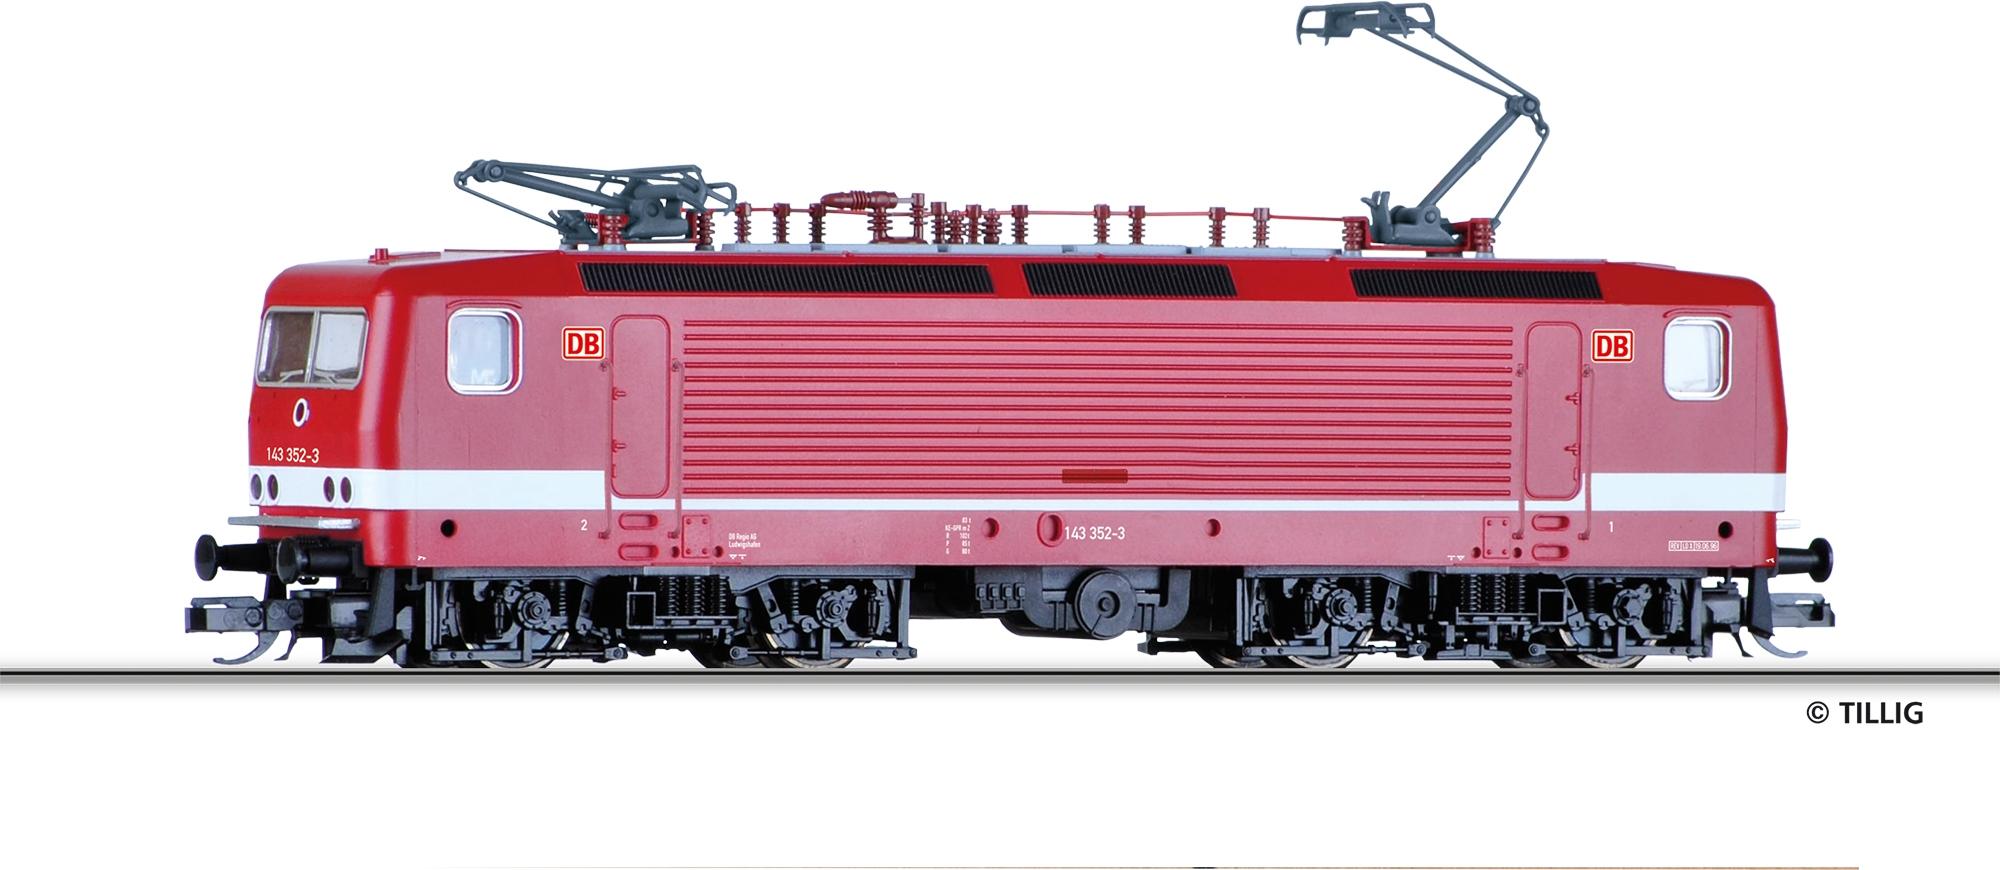 Tillig 04340 TT E-Lok 143 352-3 DB AG V